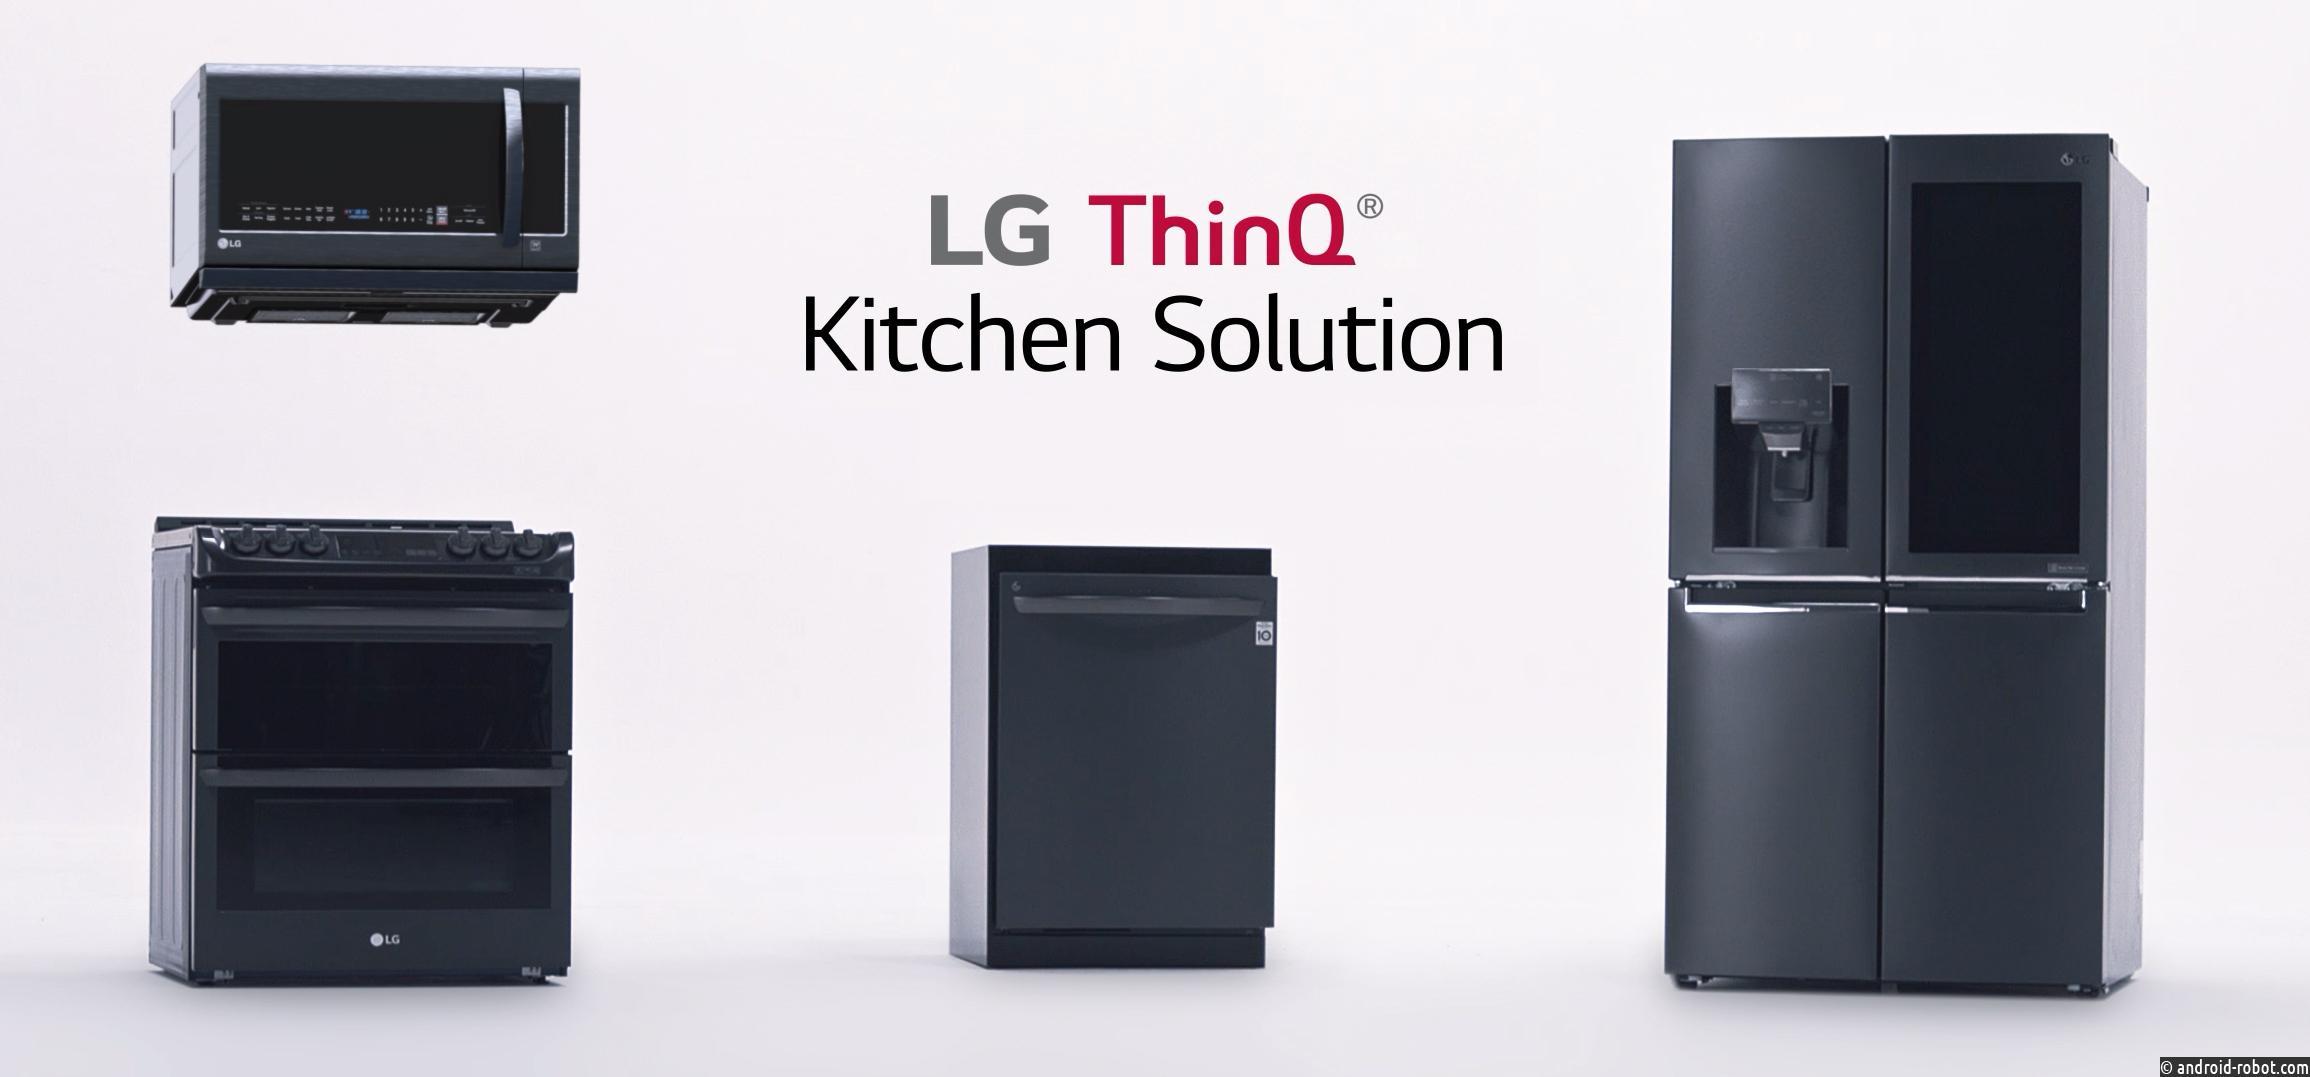 На выставке CES 2018 компания LG Electronics представляет свое видение «умной» кухни будущего на основе взаимосвязанных устройств